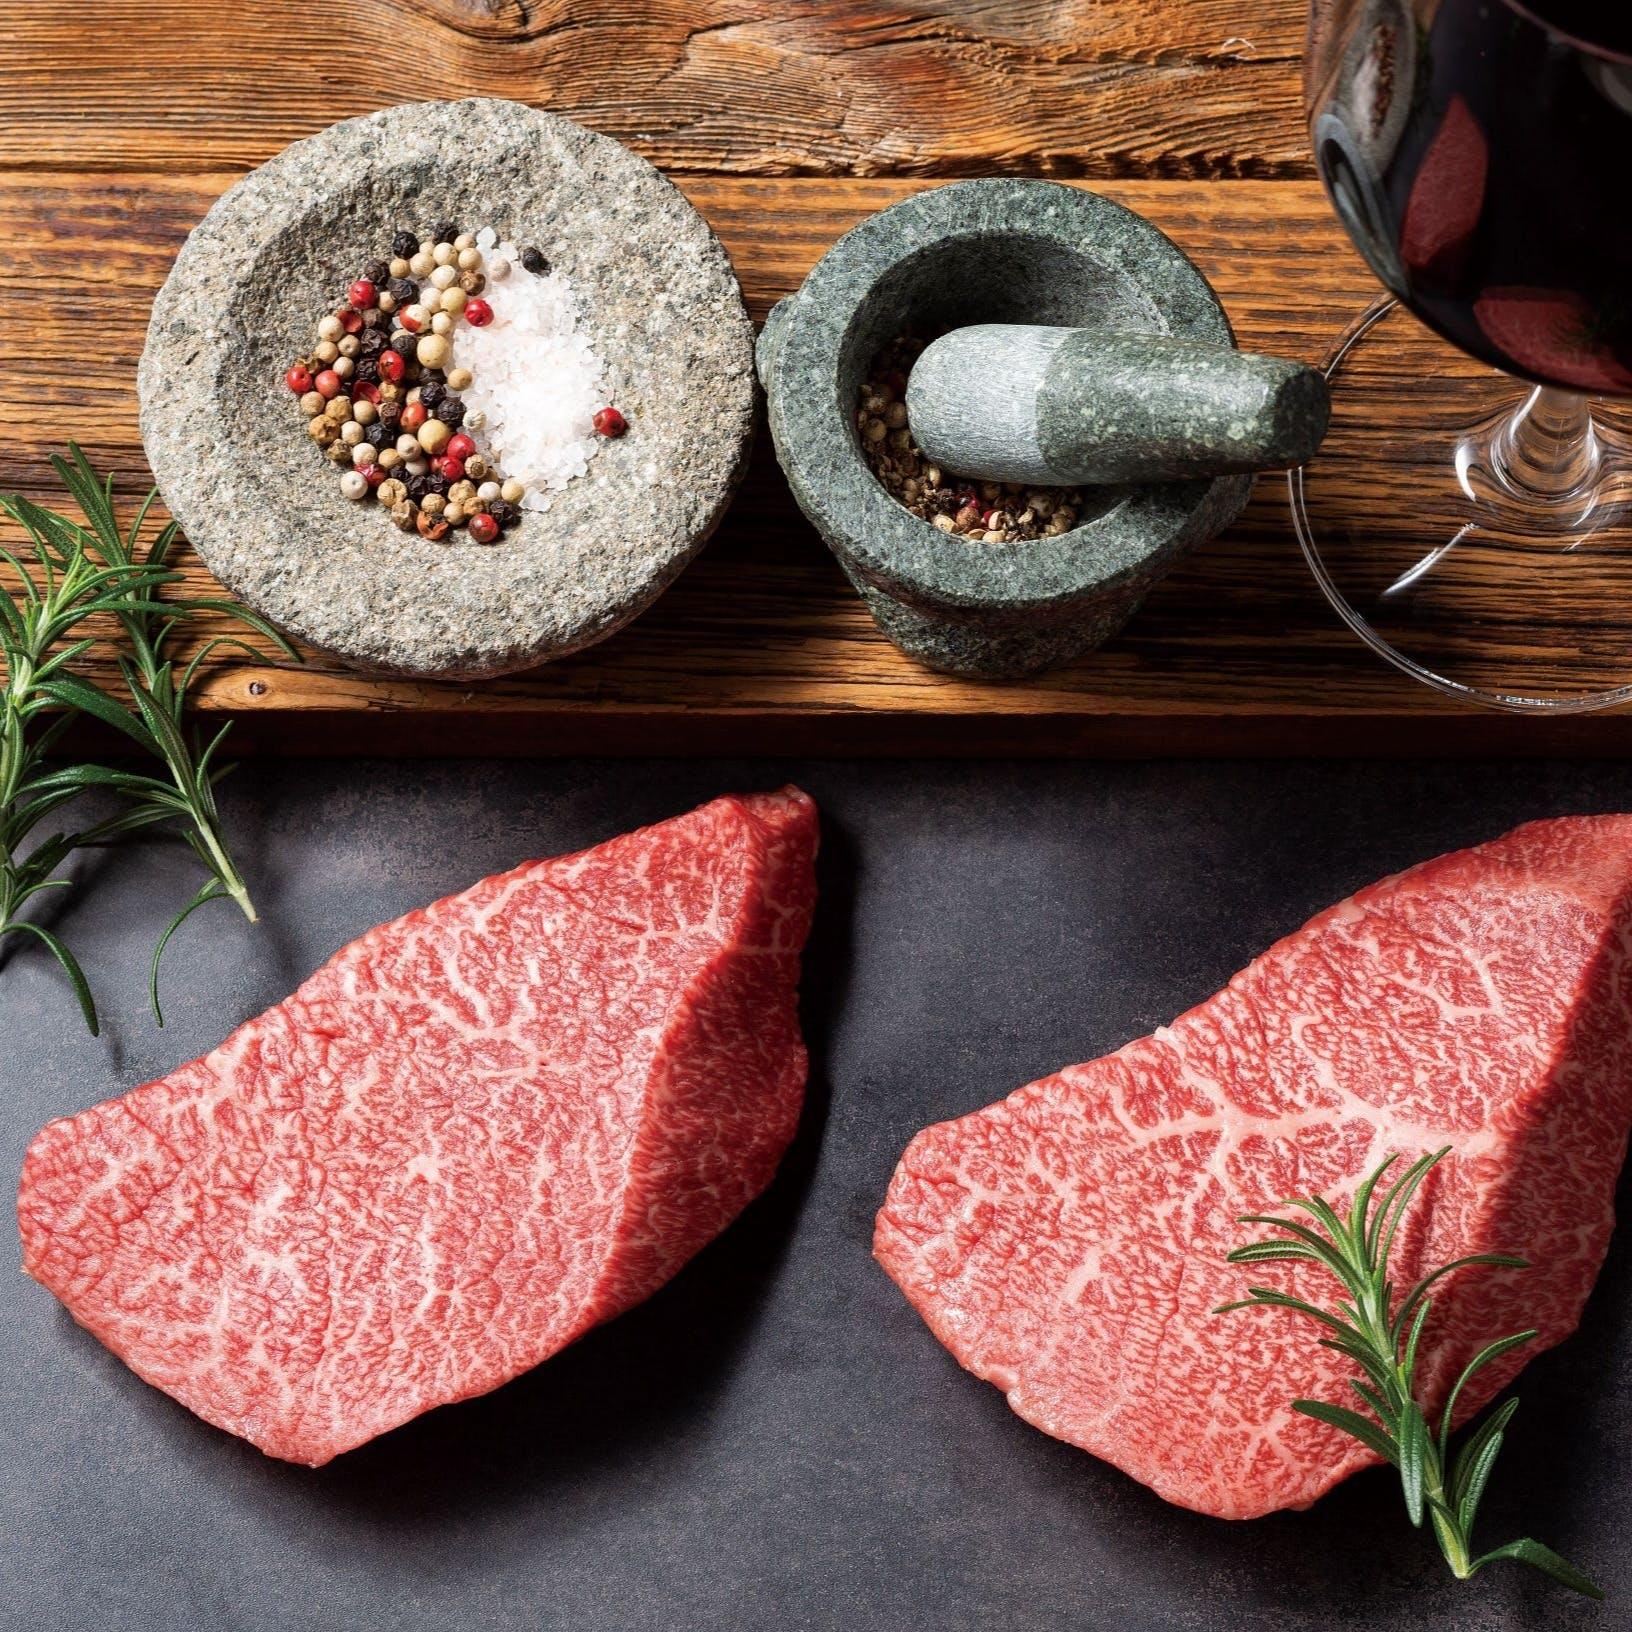 【全室完全個室】日本一の称号を得たA5黒毛和牛をヒマラヤ産の岩塩でご堪能ください